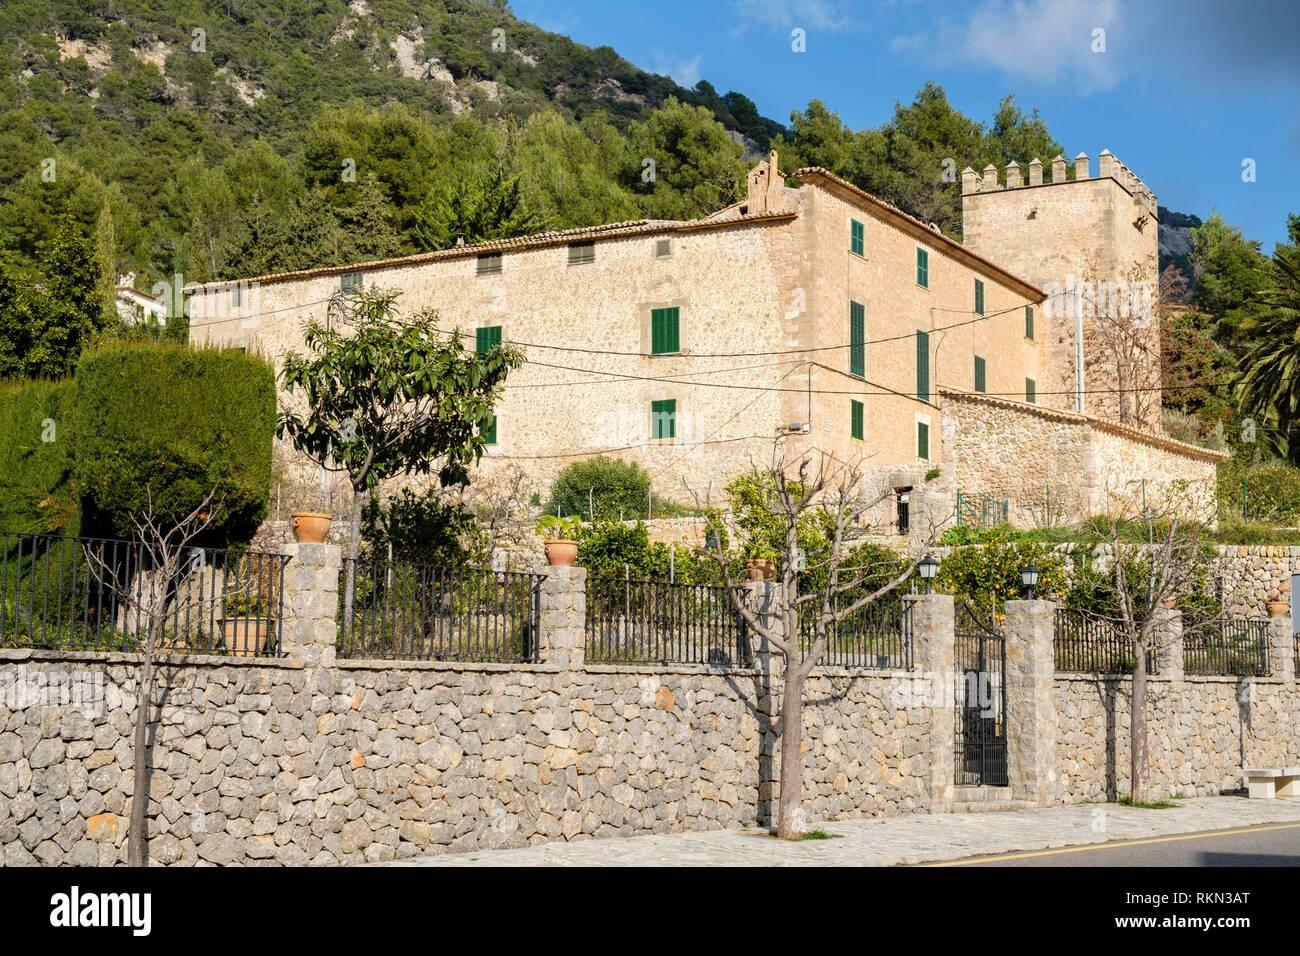 Son Gual, casa fortificada con torre de defensa del siglo XVI, Valldemossa, Mallorca, balearic islands, Spain. - Stock Image